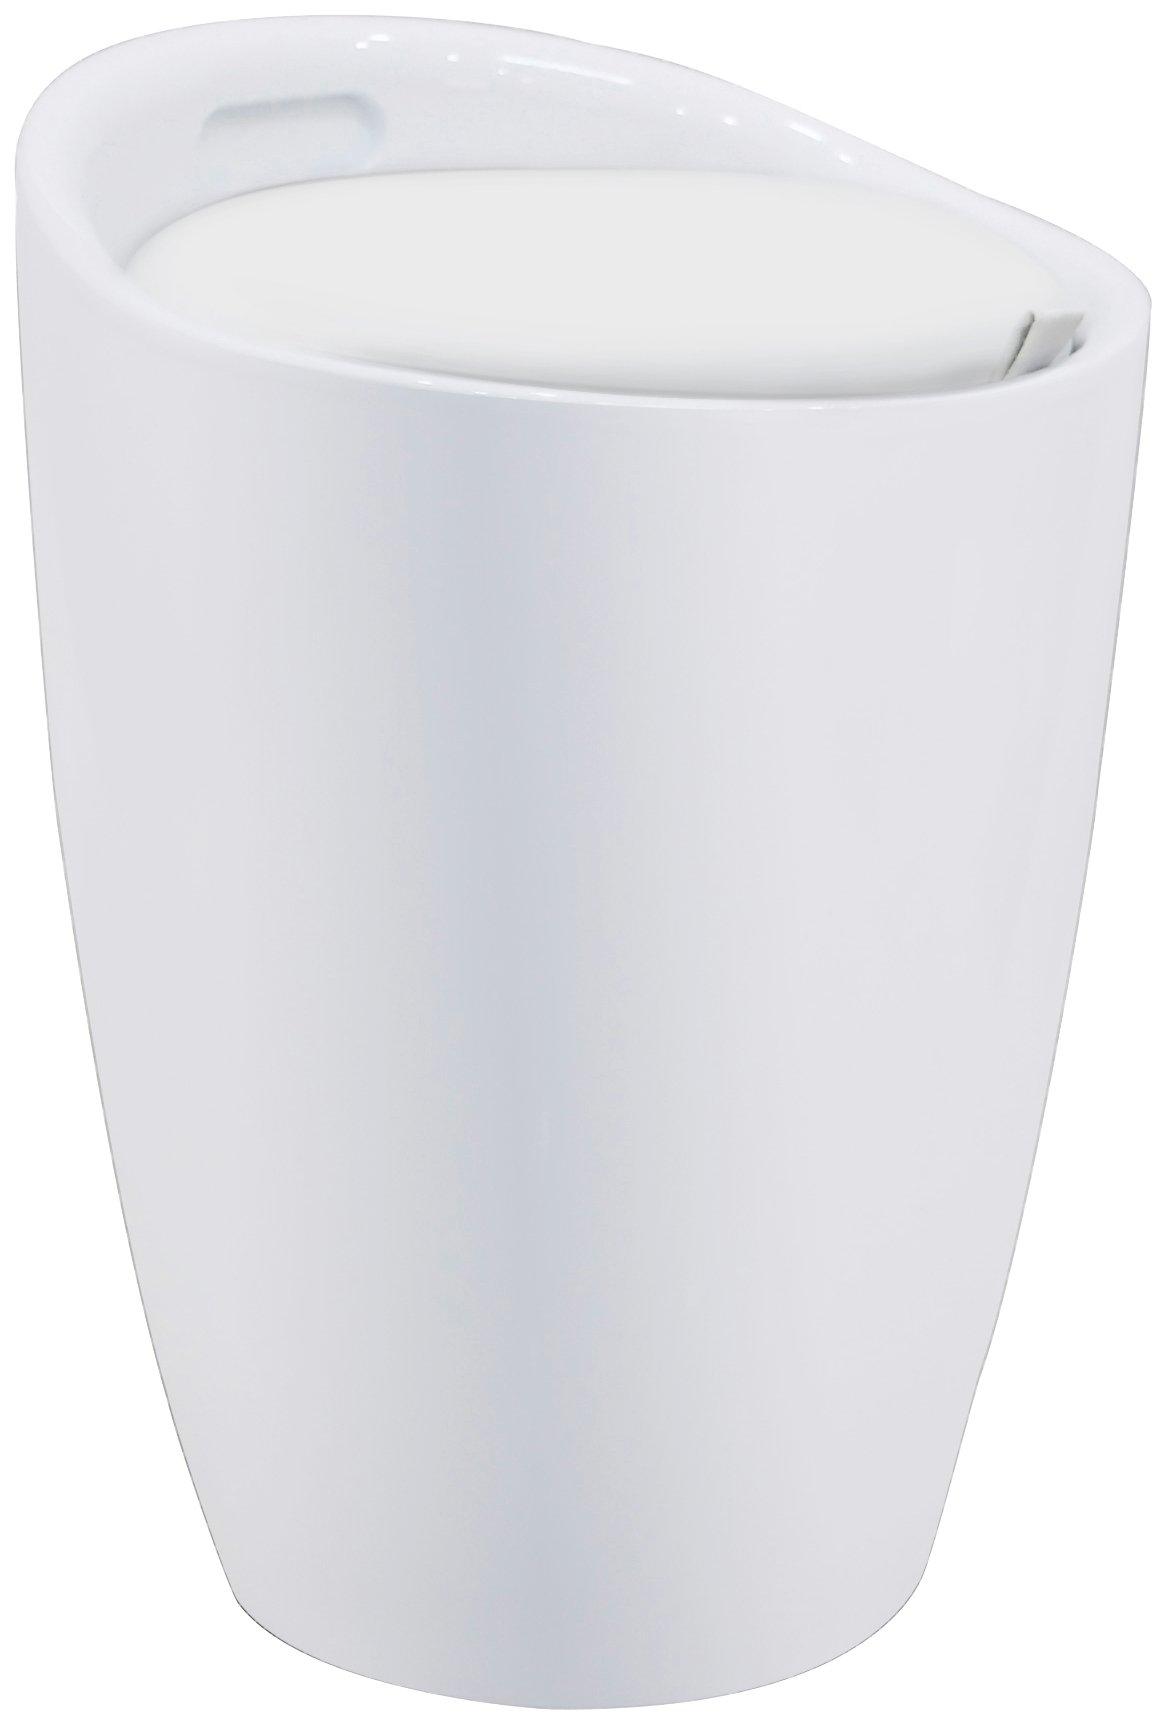 Eisl badkruk goedkoop op otto.nl kopen